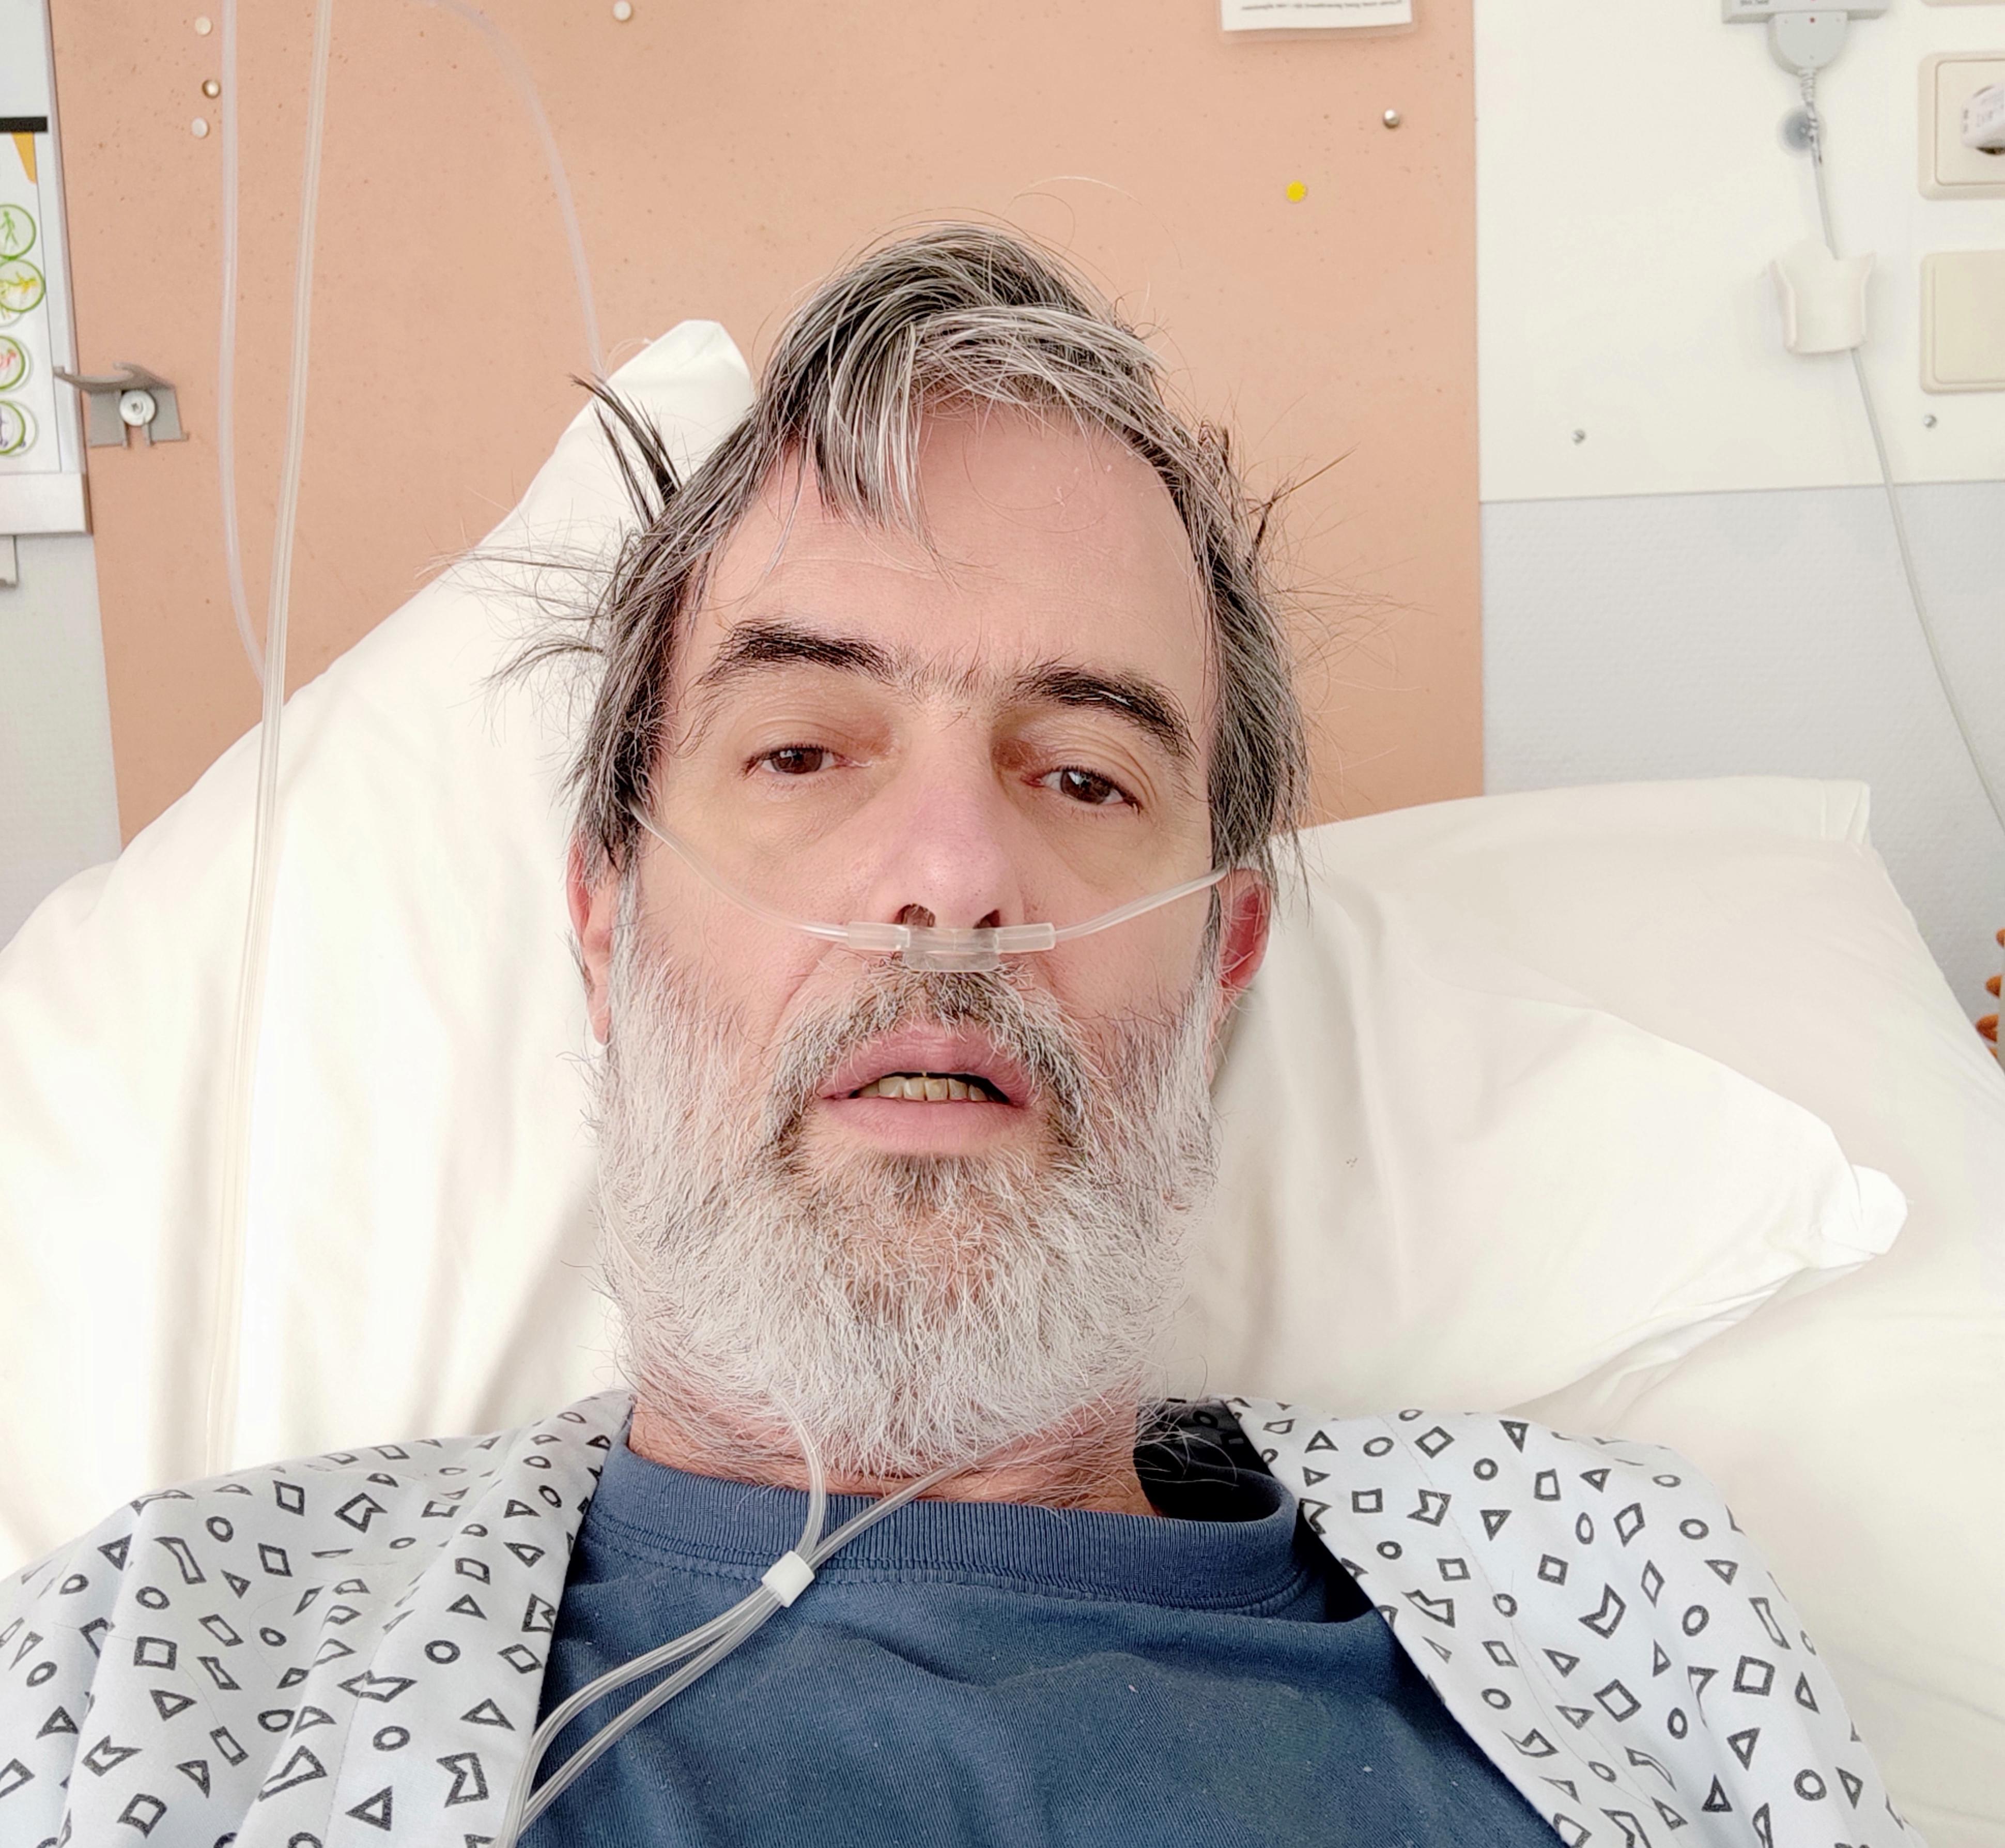 Evert Marsmans uit Westerland ontwaakt uit zijn corona-nachtmerrie: 'Ik voelde pure paniek en was bang dat ik mijn gezin niet meer zou zien. Maar ik appte ook niet met het thuisfront: ik denk dat ik dood ga'